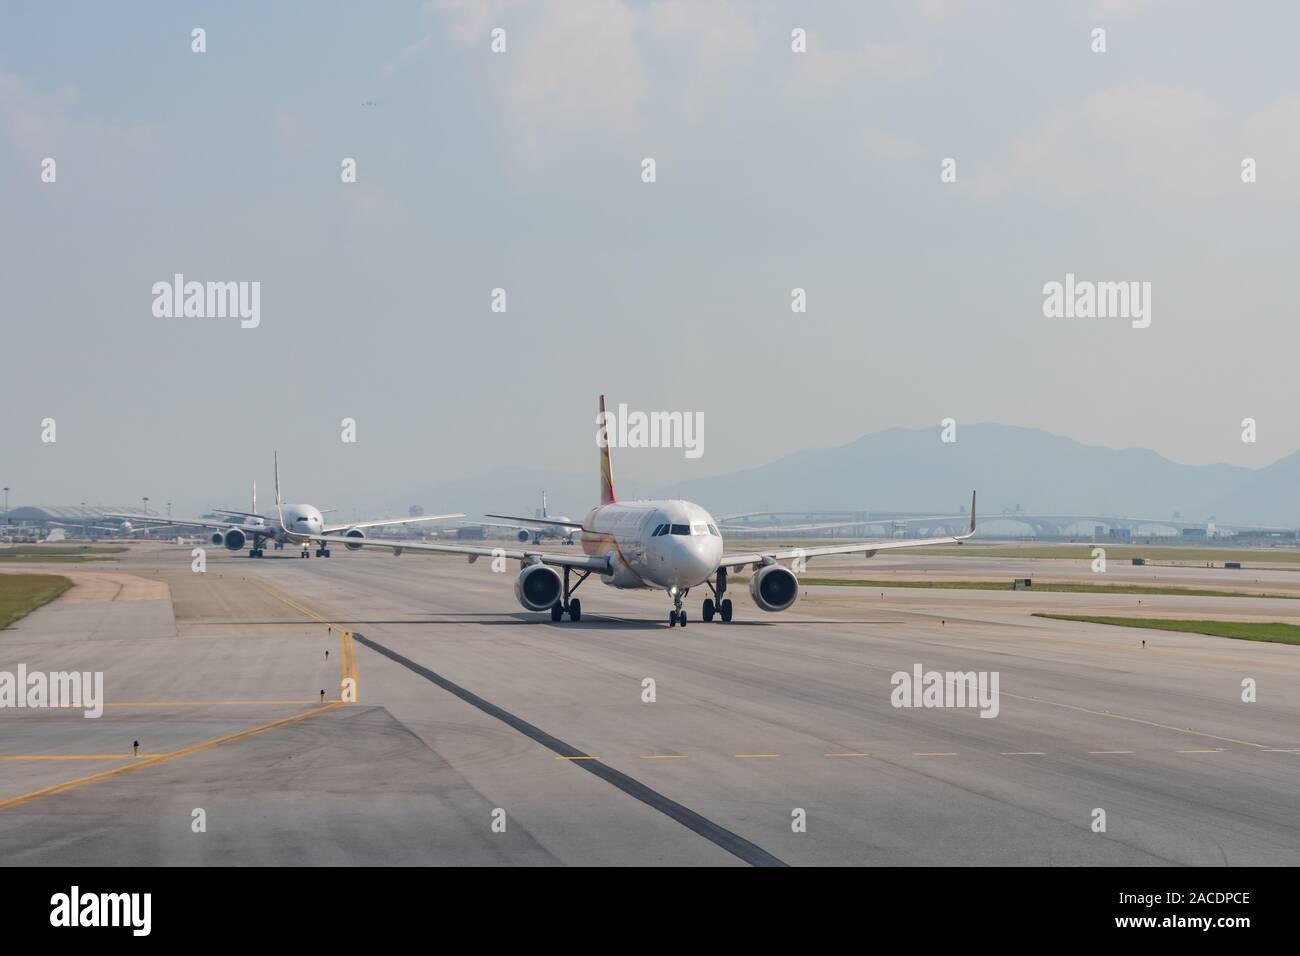 Hong Kong, OCT 20: Airplane ready to take off from the famous Hong Kong International Airport on OCT 20, 2019 at Hong Kong, China Stock Photo